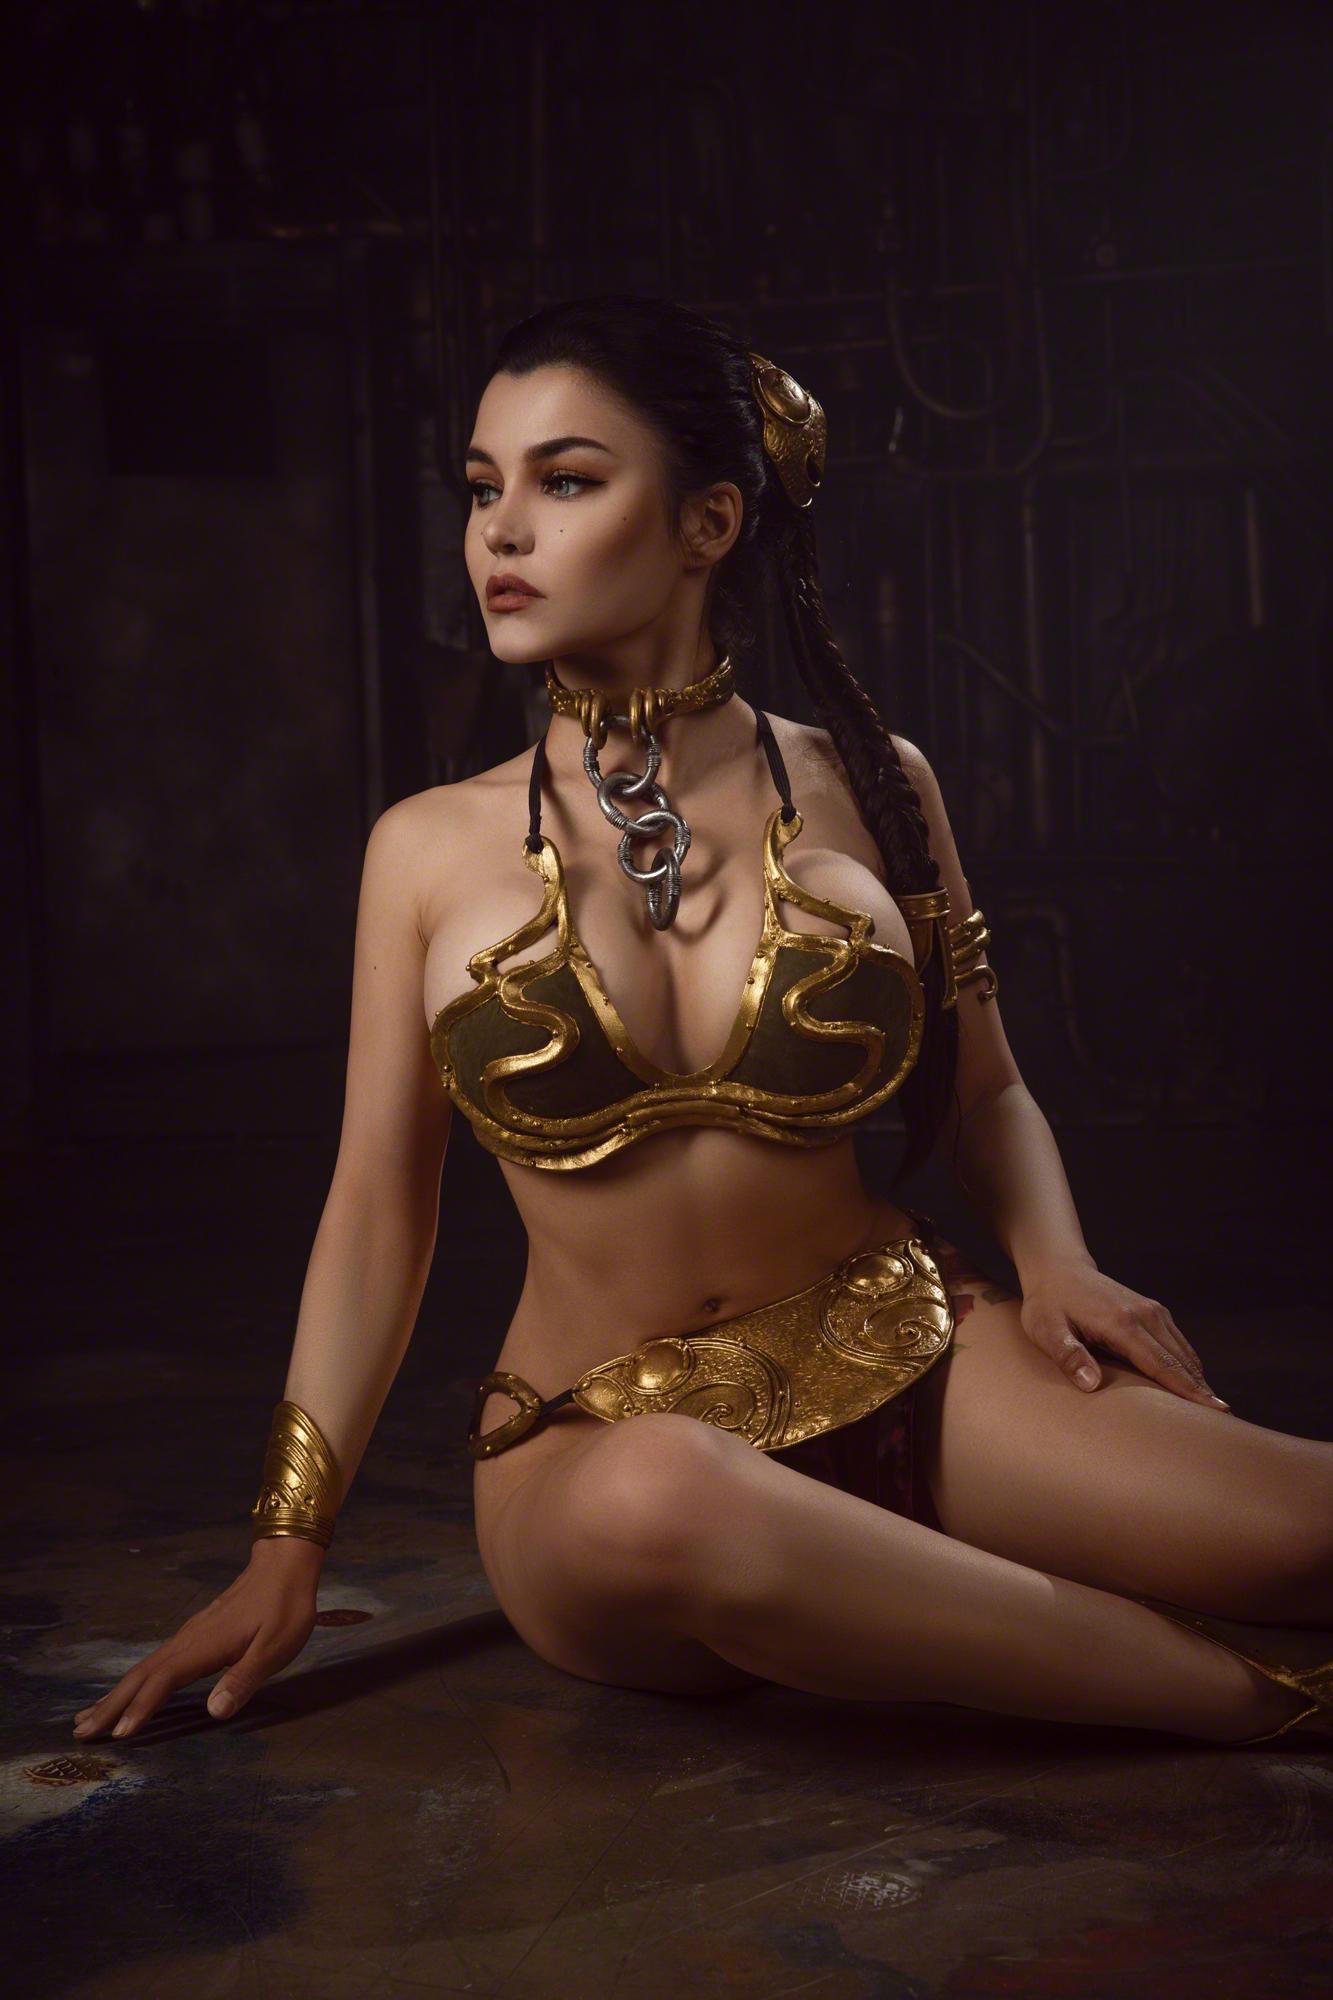 Kalinka Fox Princess Leia Slave Cosplay Set Leaked Ednxgc